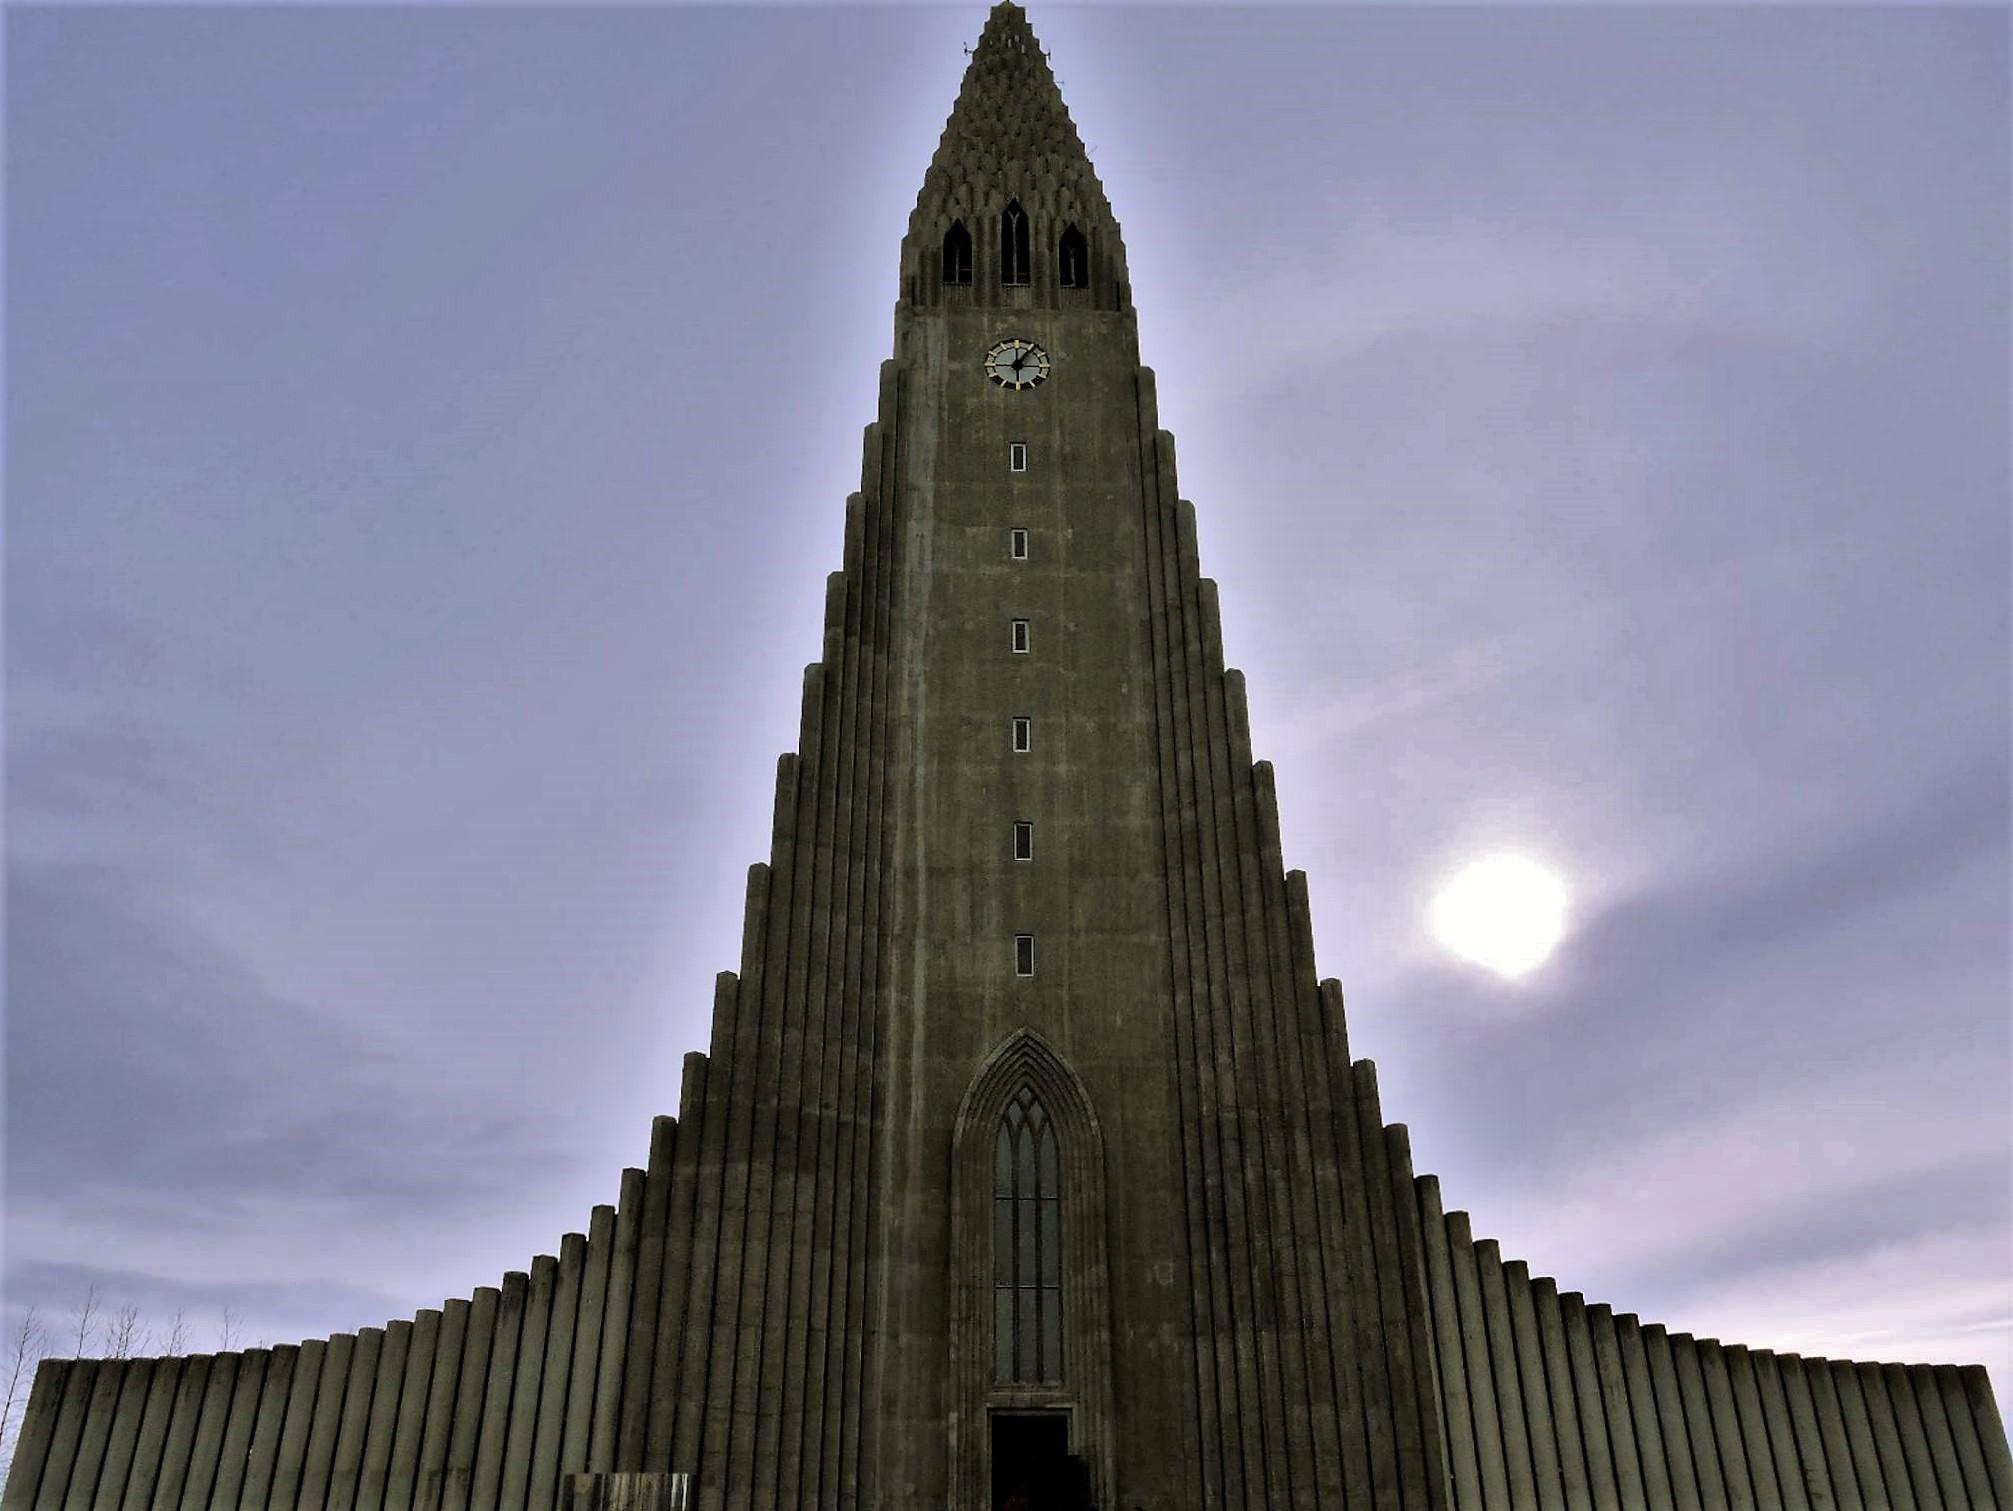 Iceland In March - Hallgrímskirkja